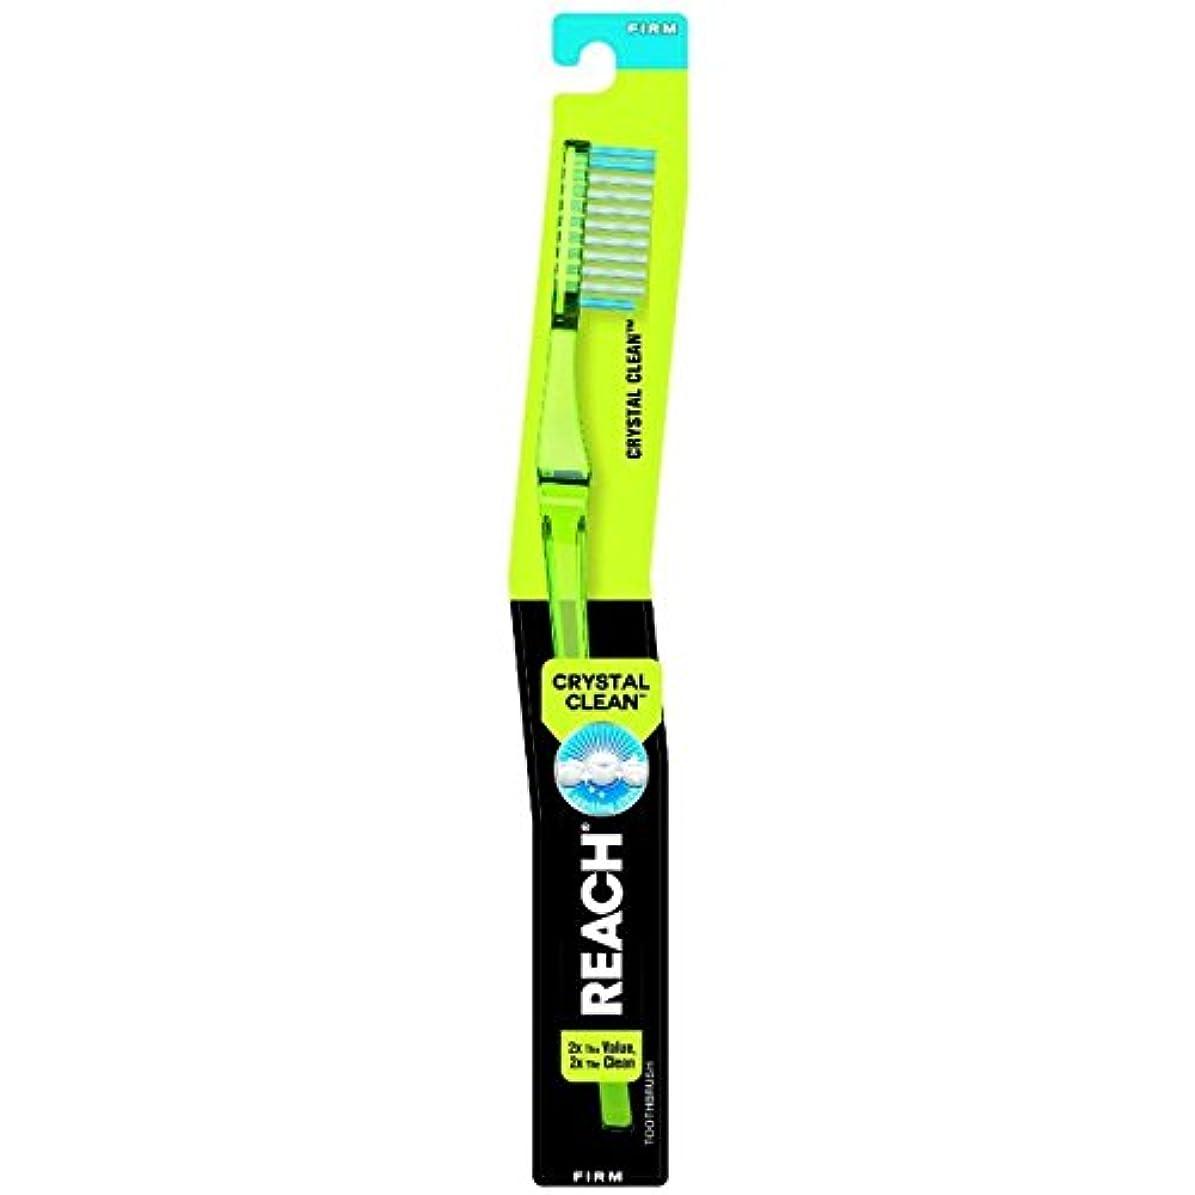 分数満足できる貝殻Reach クリスタルクリーン事務所抗菌キャップ、1 EAで大人歯ブラシ - ブルー(4パック) 4パック